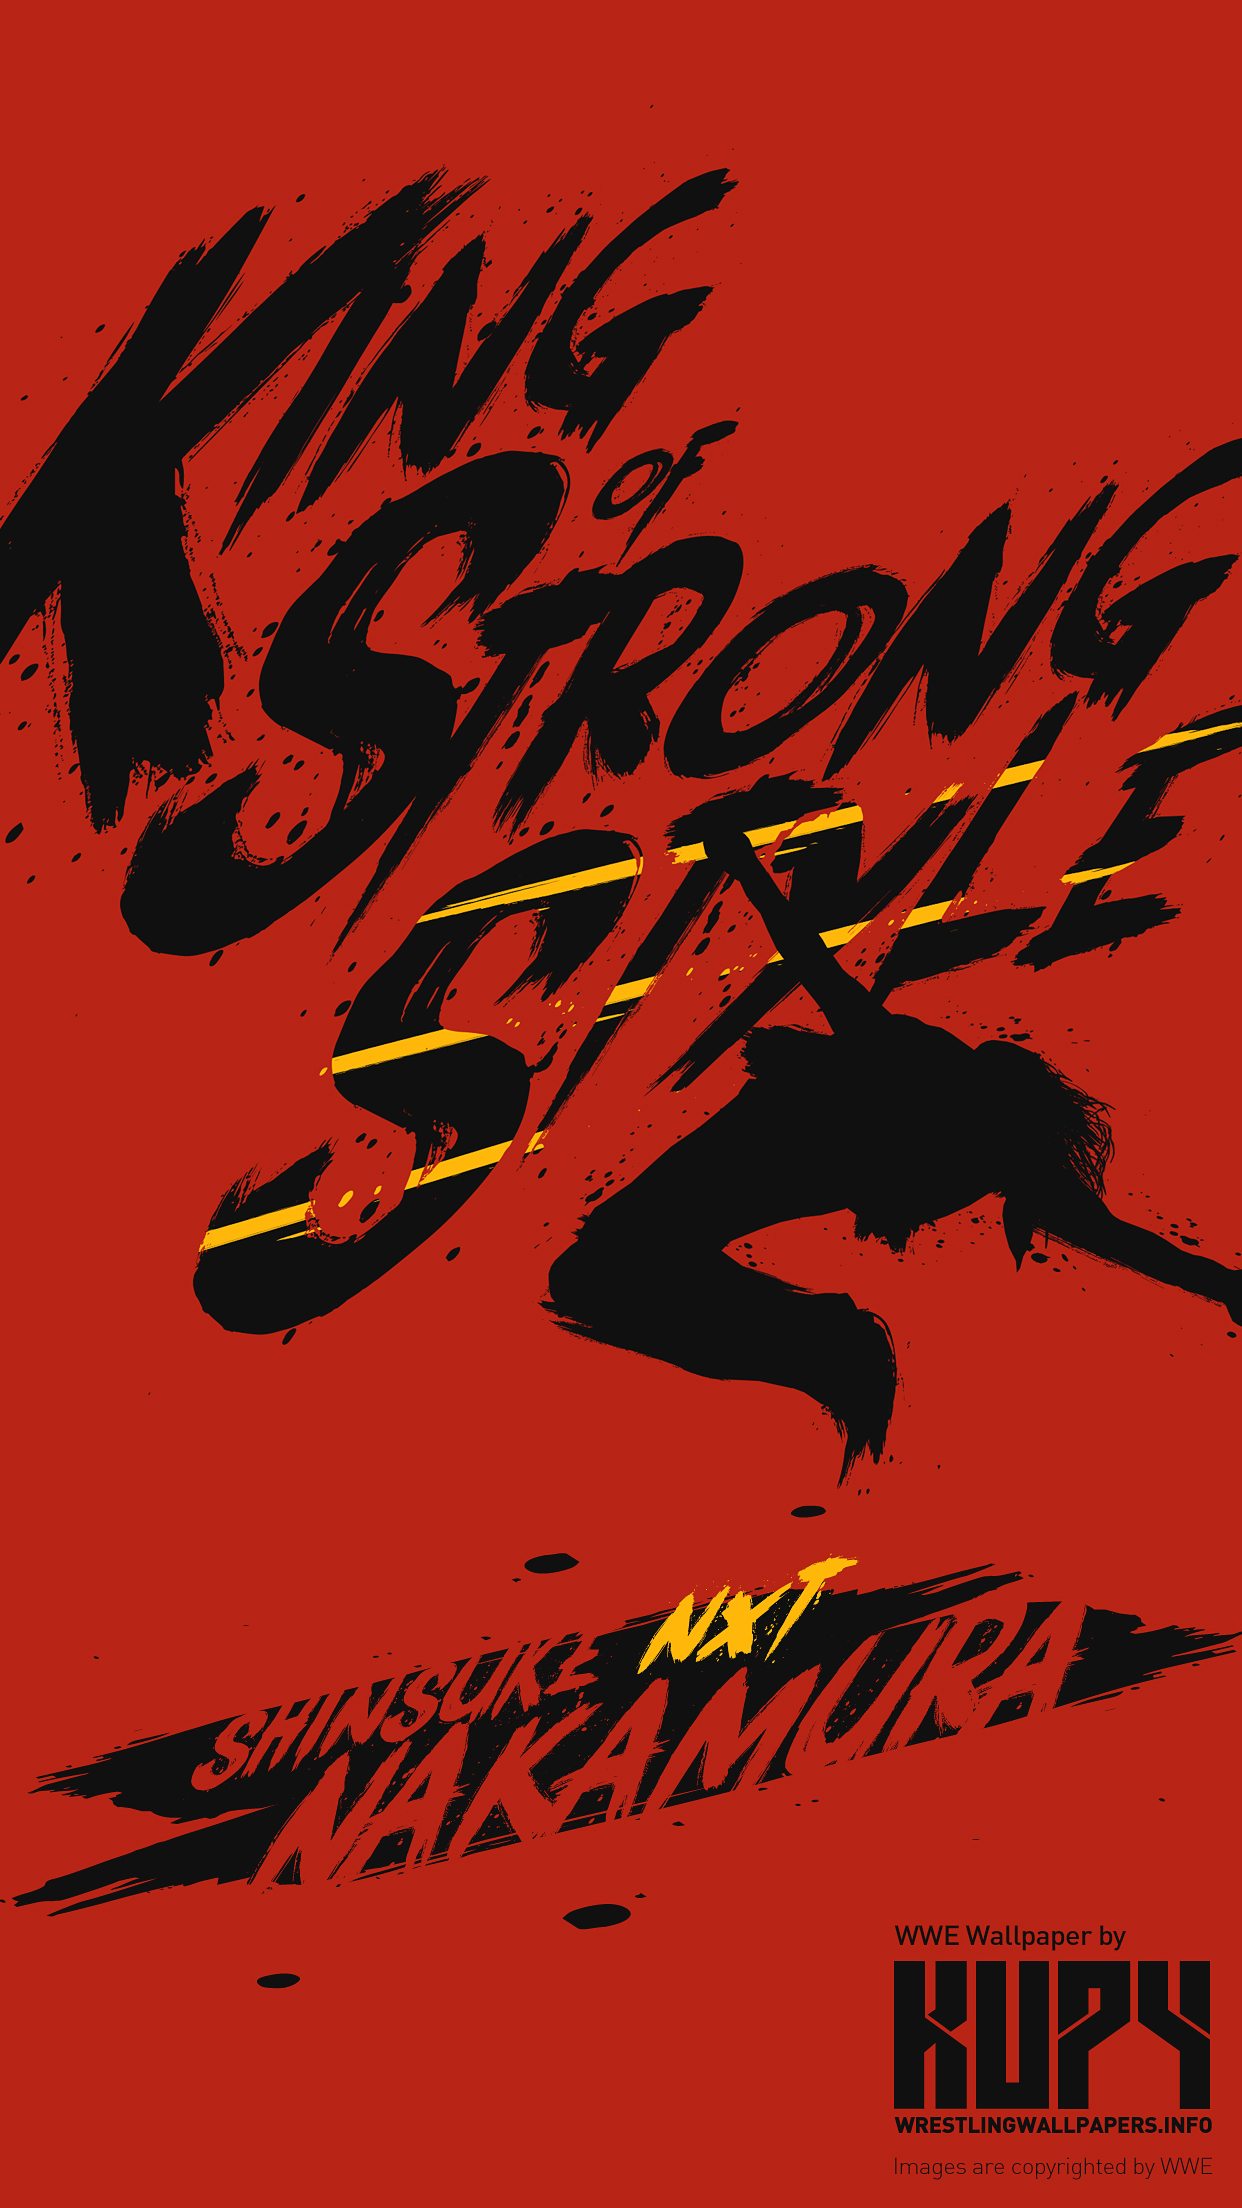 New Shinsuke Nakamura King Of Strong Style Wallpaper Kupy